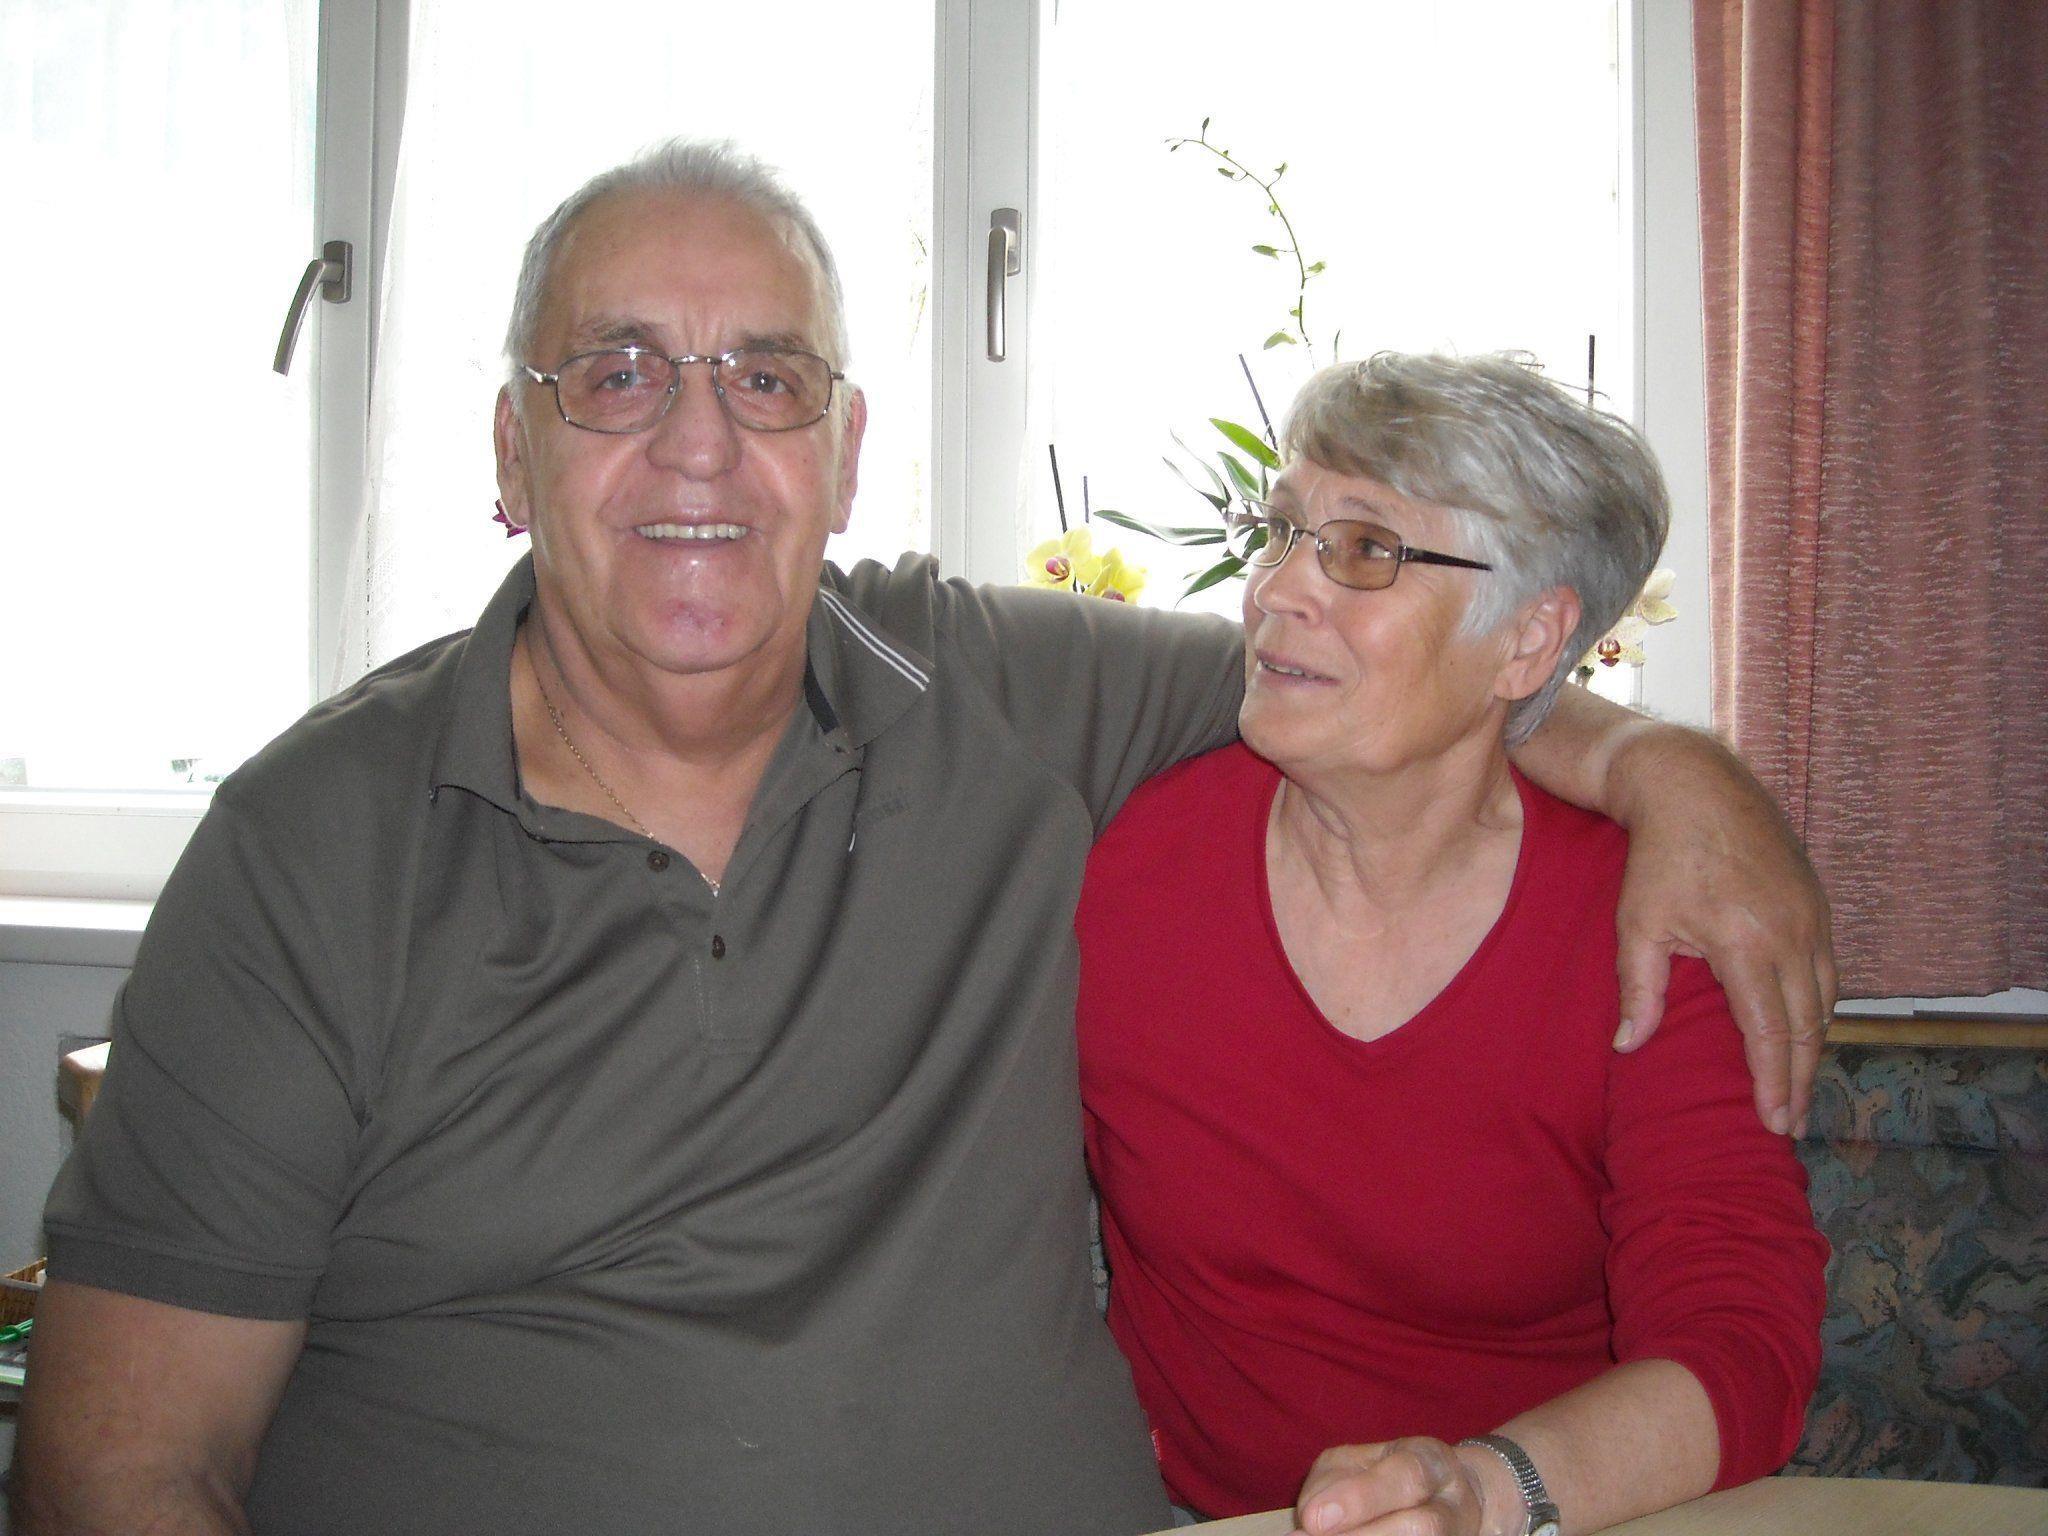 """""""Wir haben schöne Jahre miteinander erlebt"""", stellt das Paar an seinem 50. Hochzeitstag fest."""